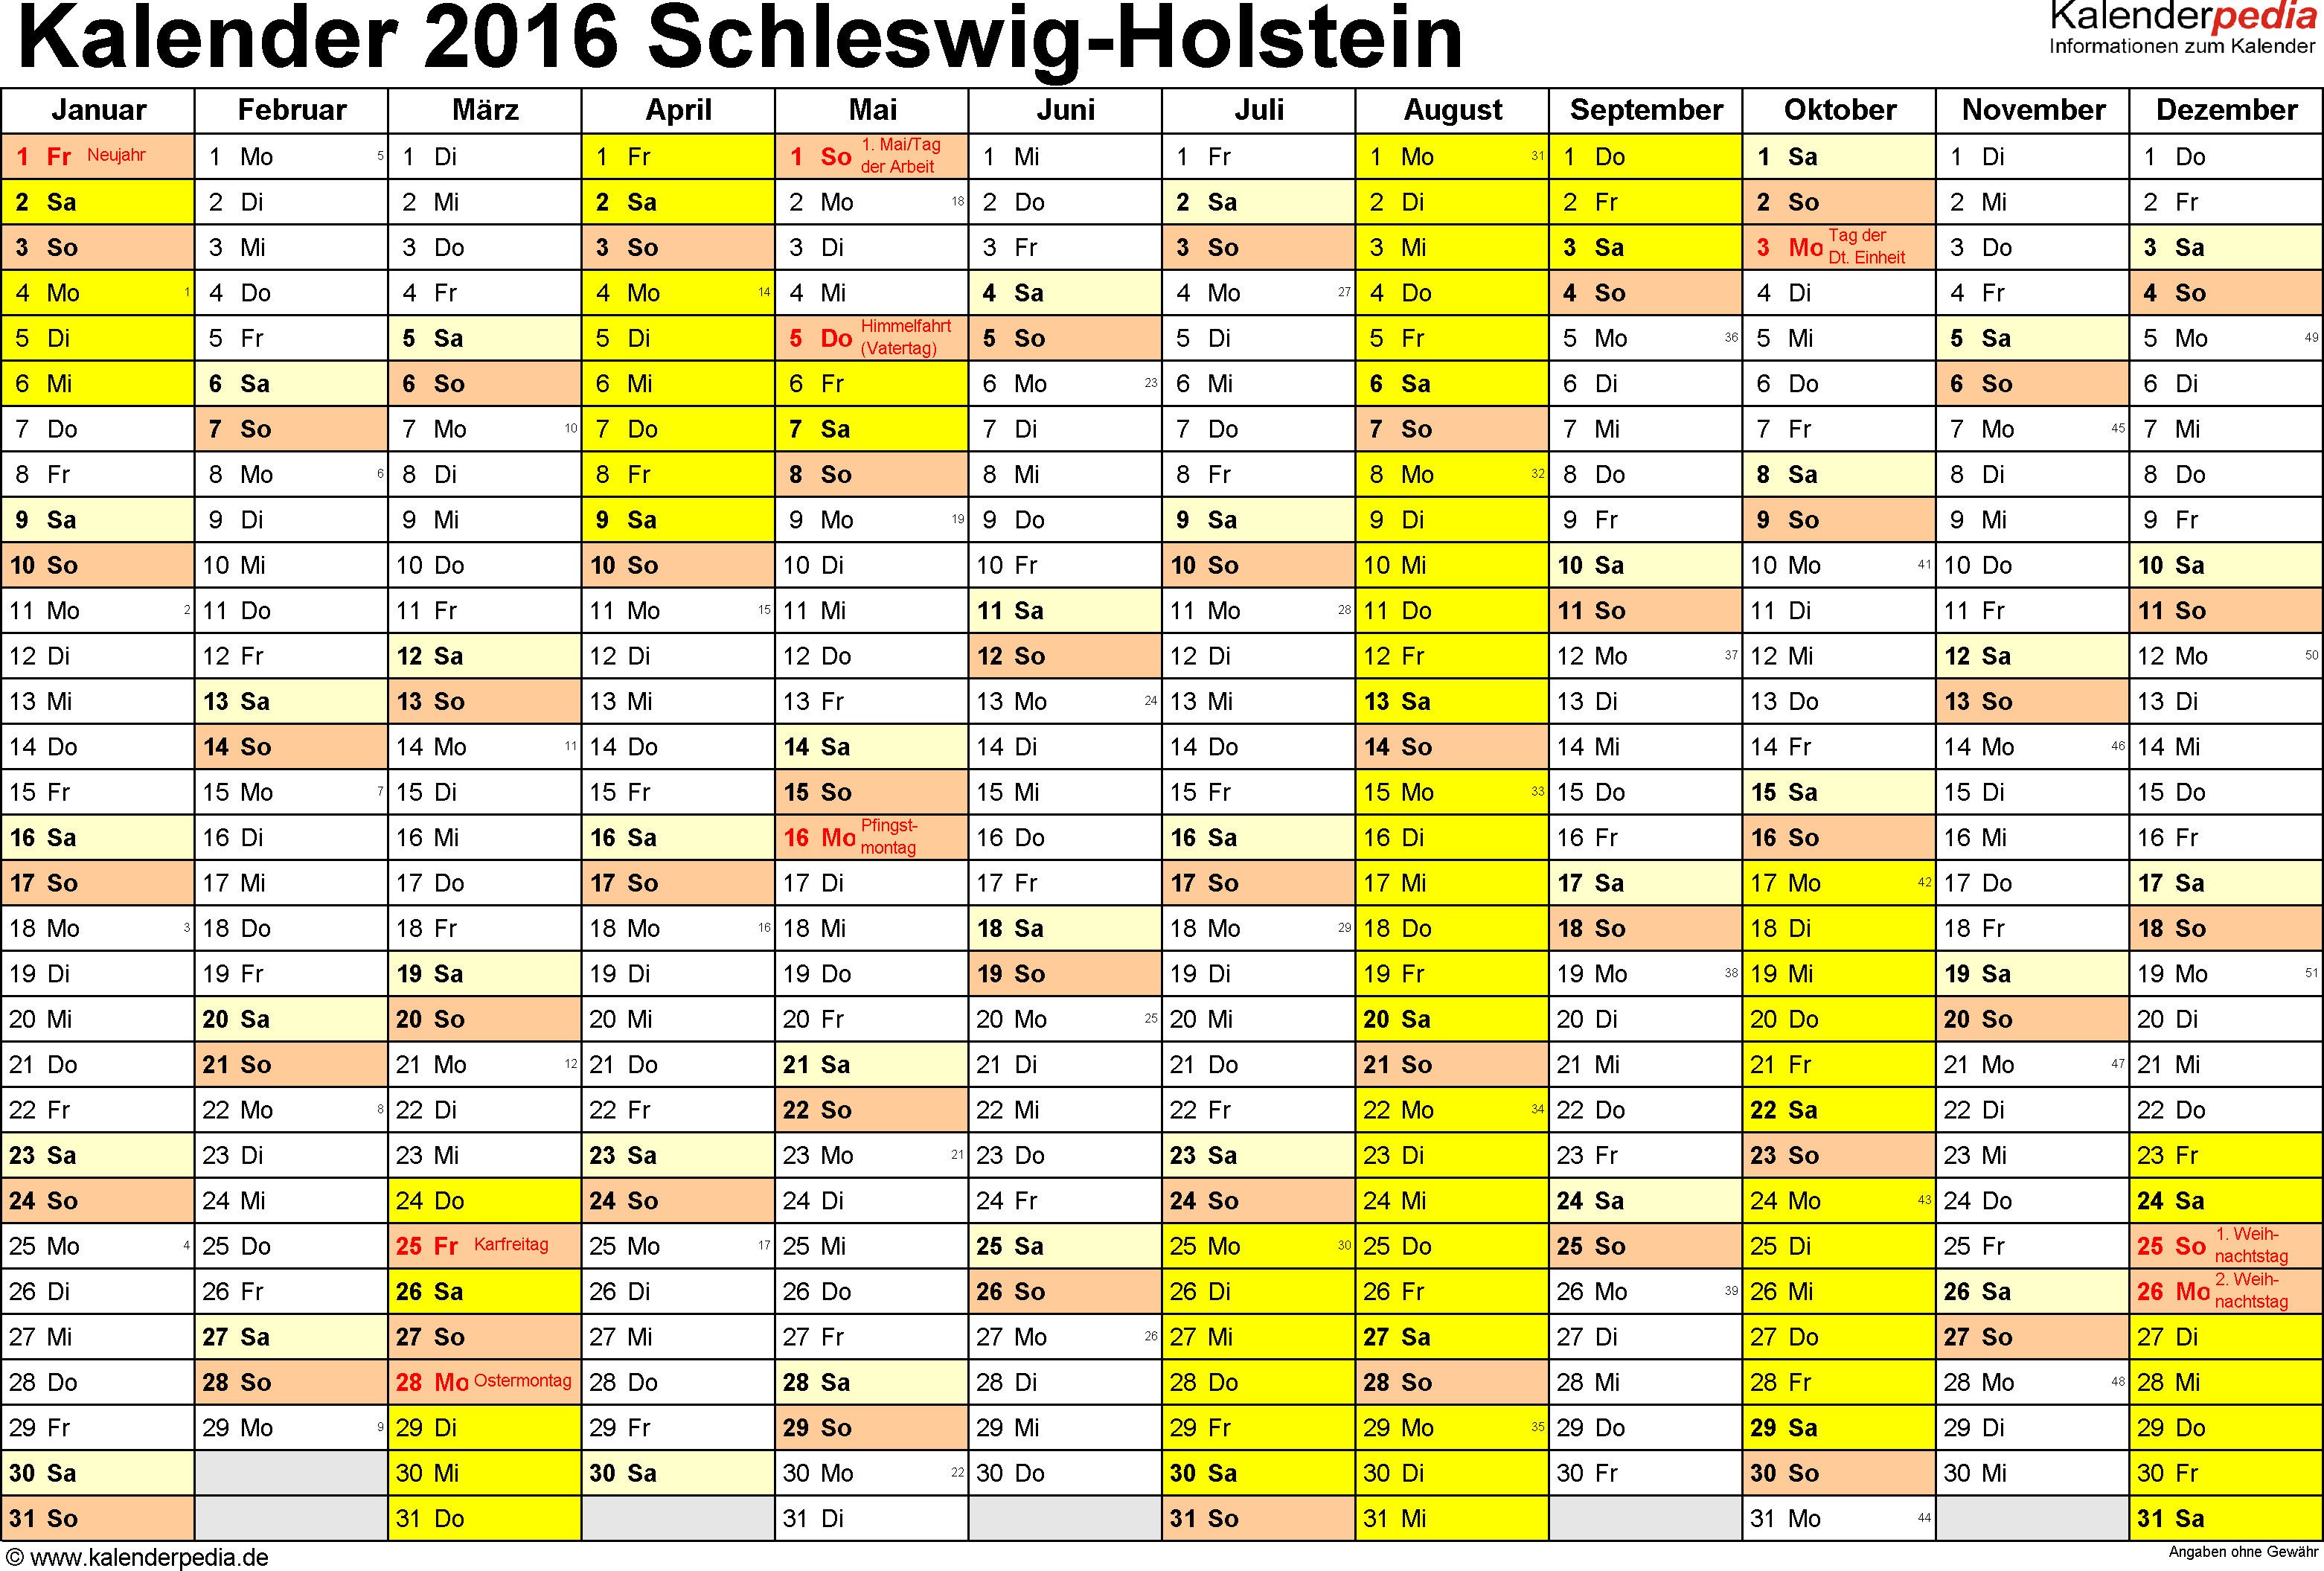 Kalender 2016 Schleswig-Holstein